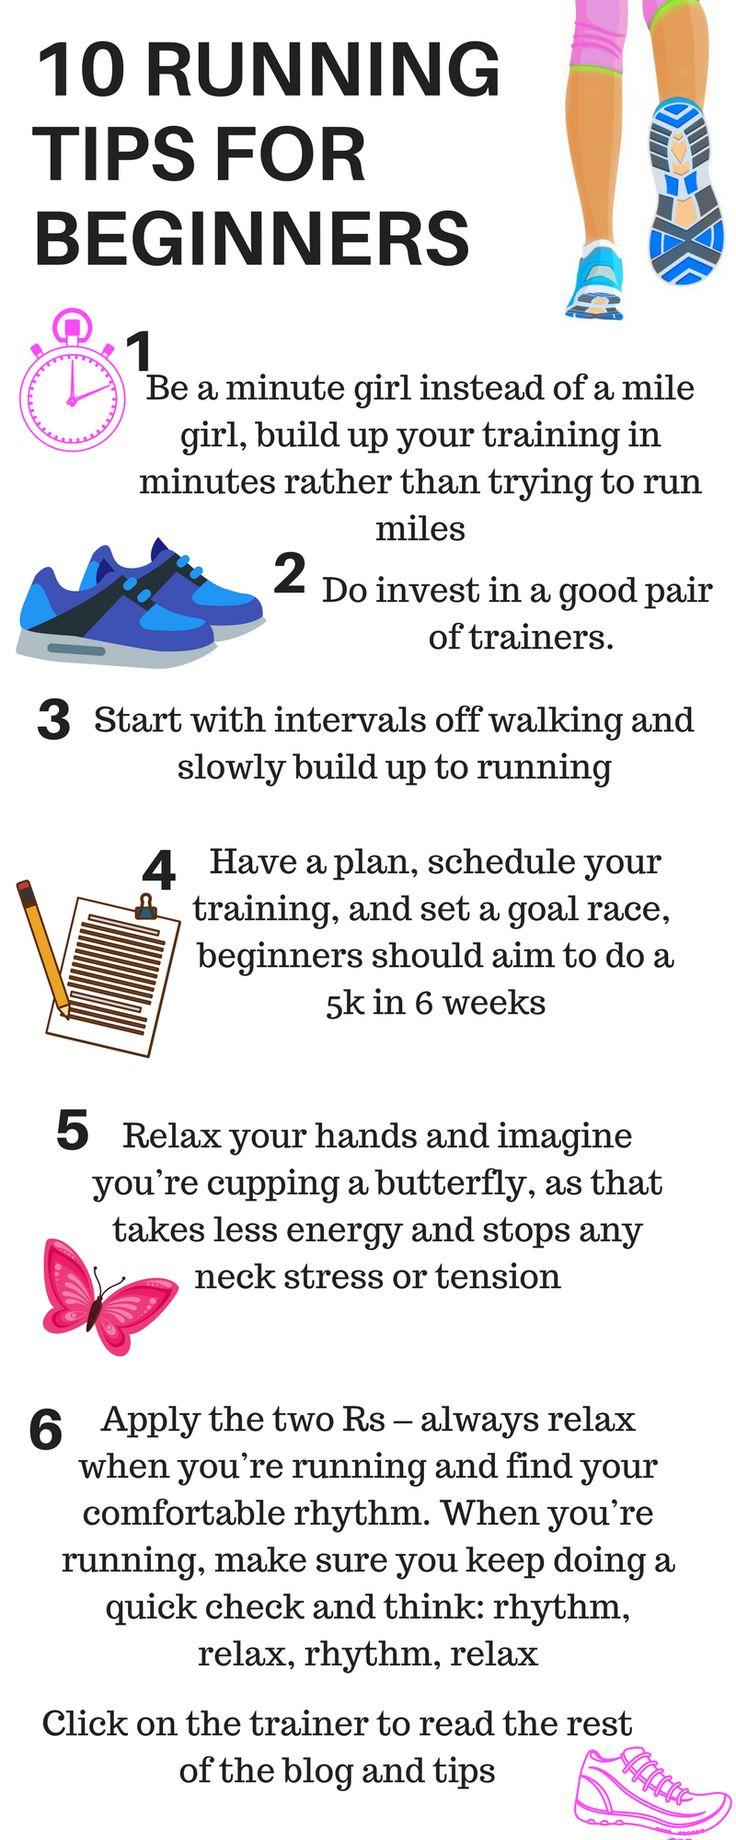 10 meilleurs conseils pour les débutants à la course. Ces conseils de course vous aideront à bien commencer …